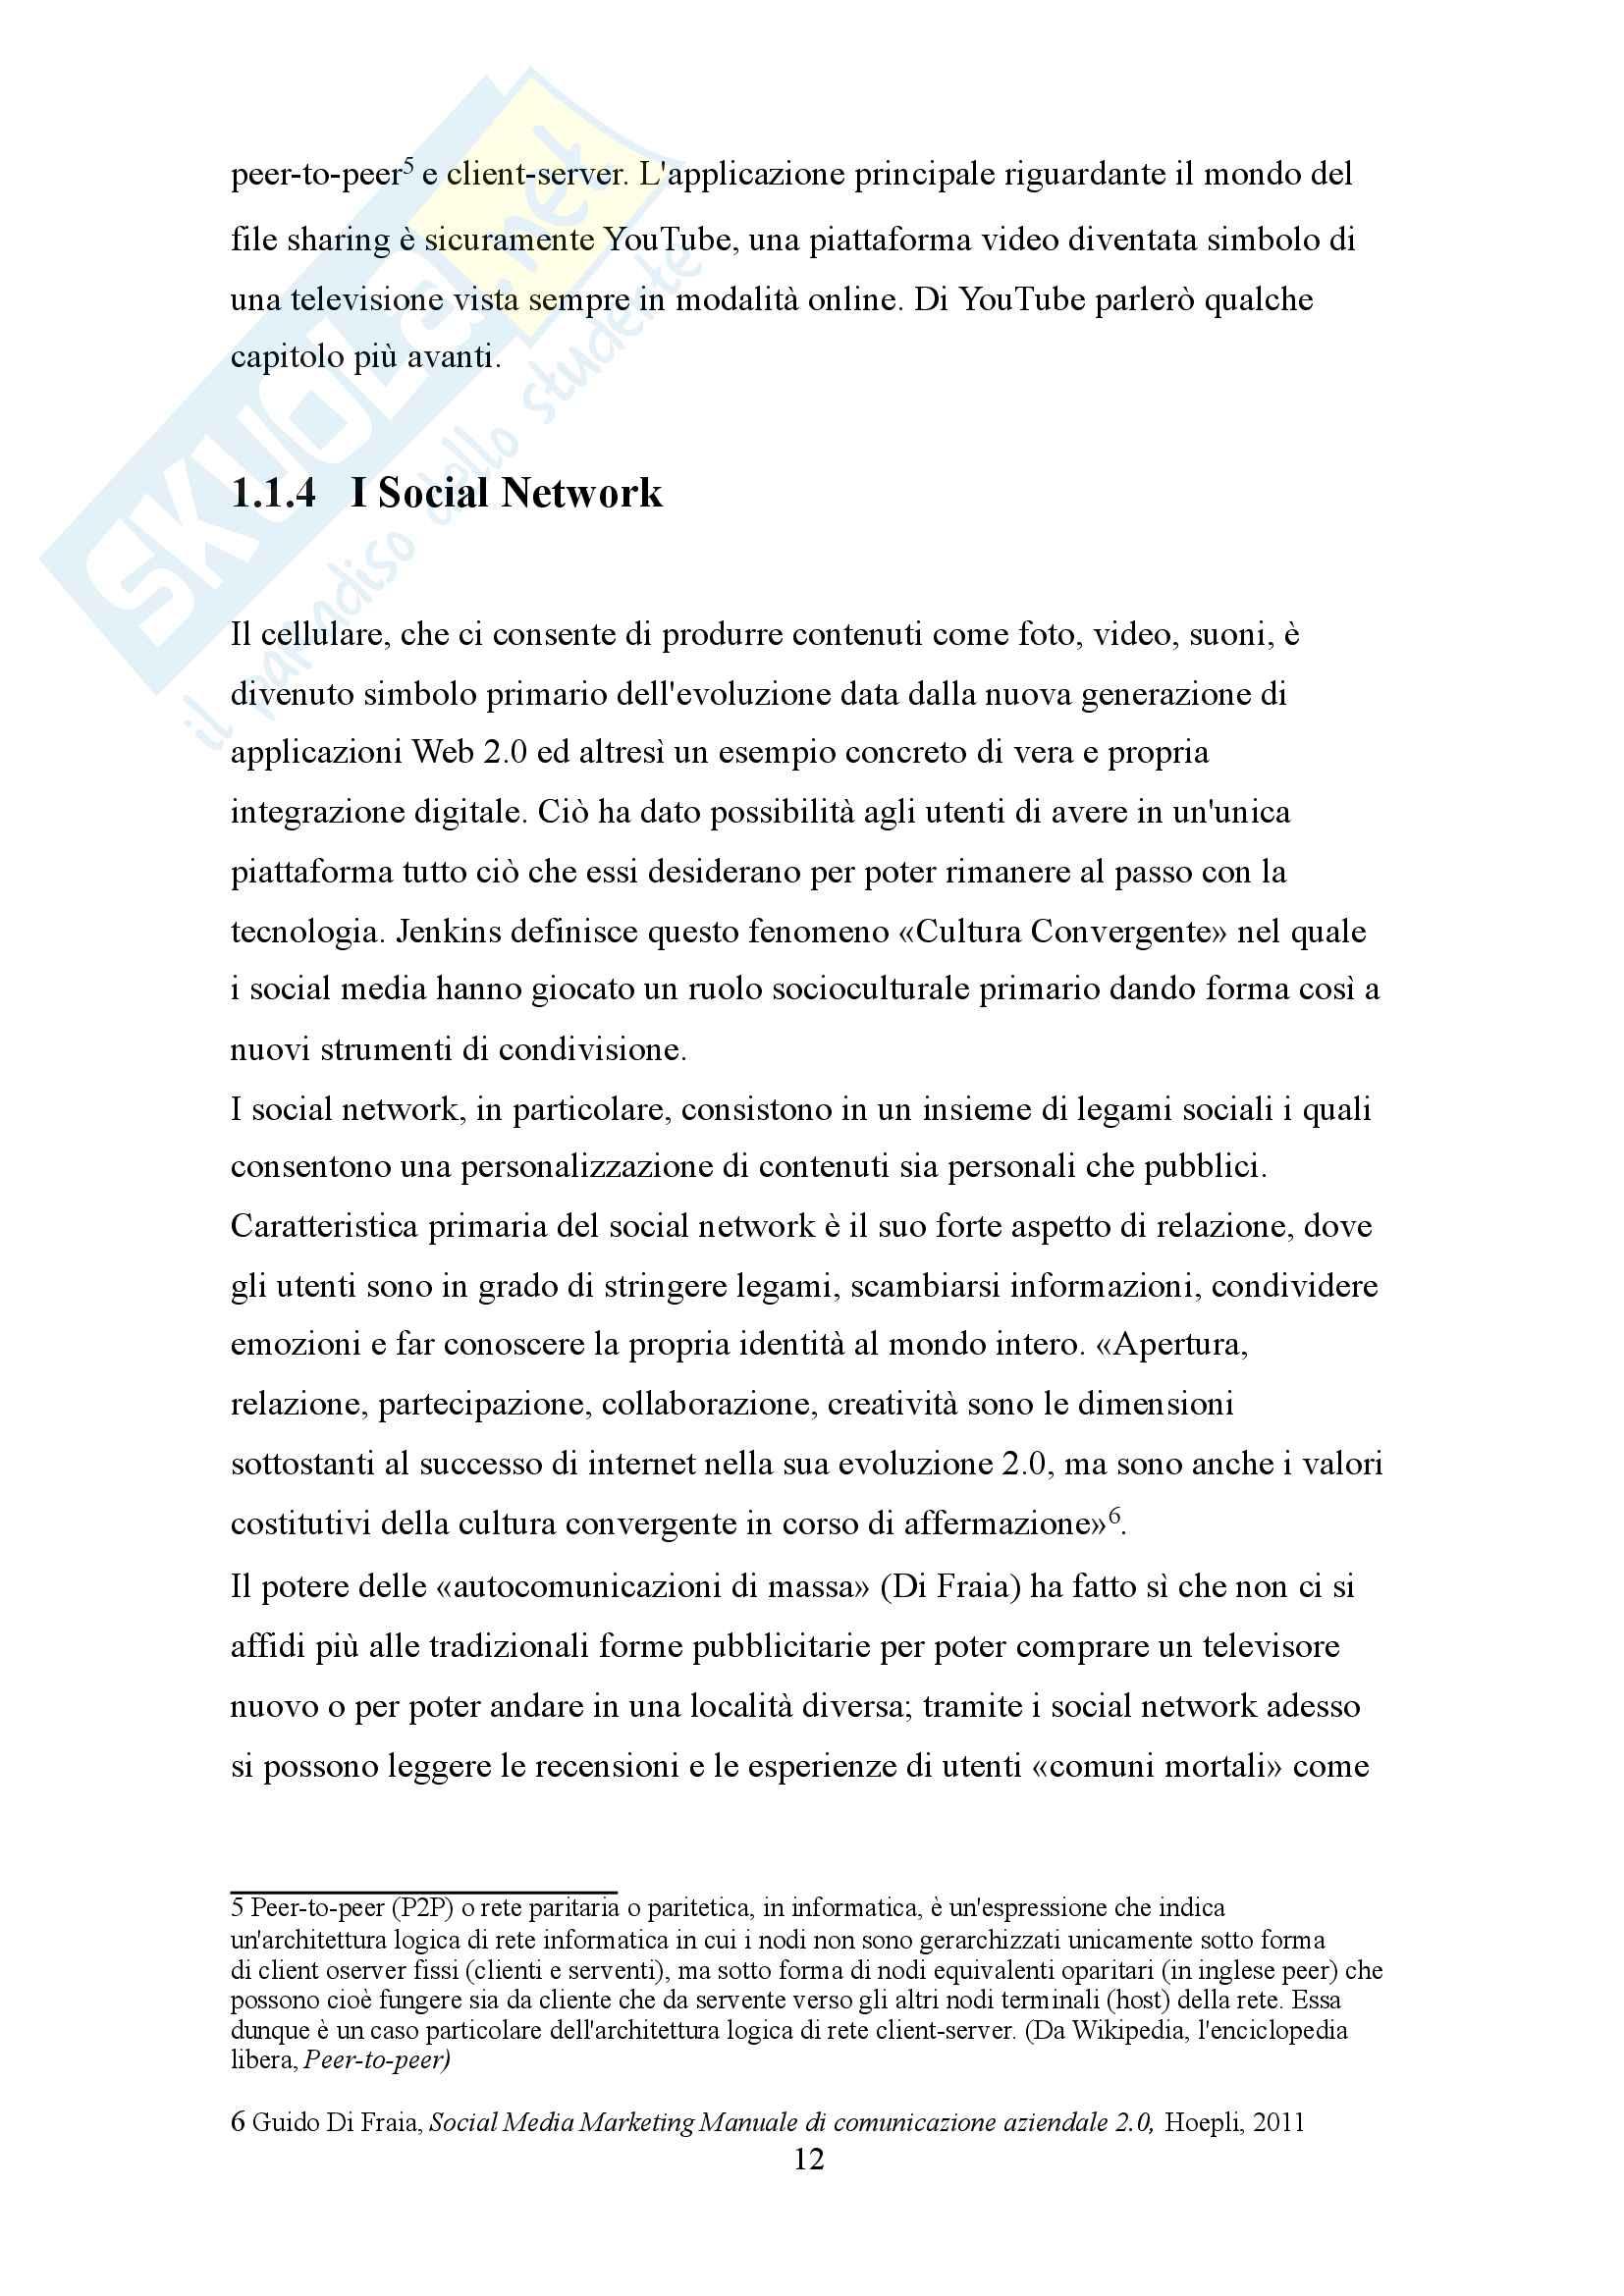 Social media marketing: advertising e fidelizzazione attraverso una strategia multicanale Pag. 11